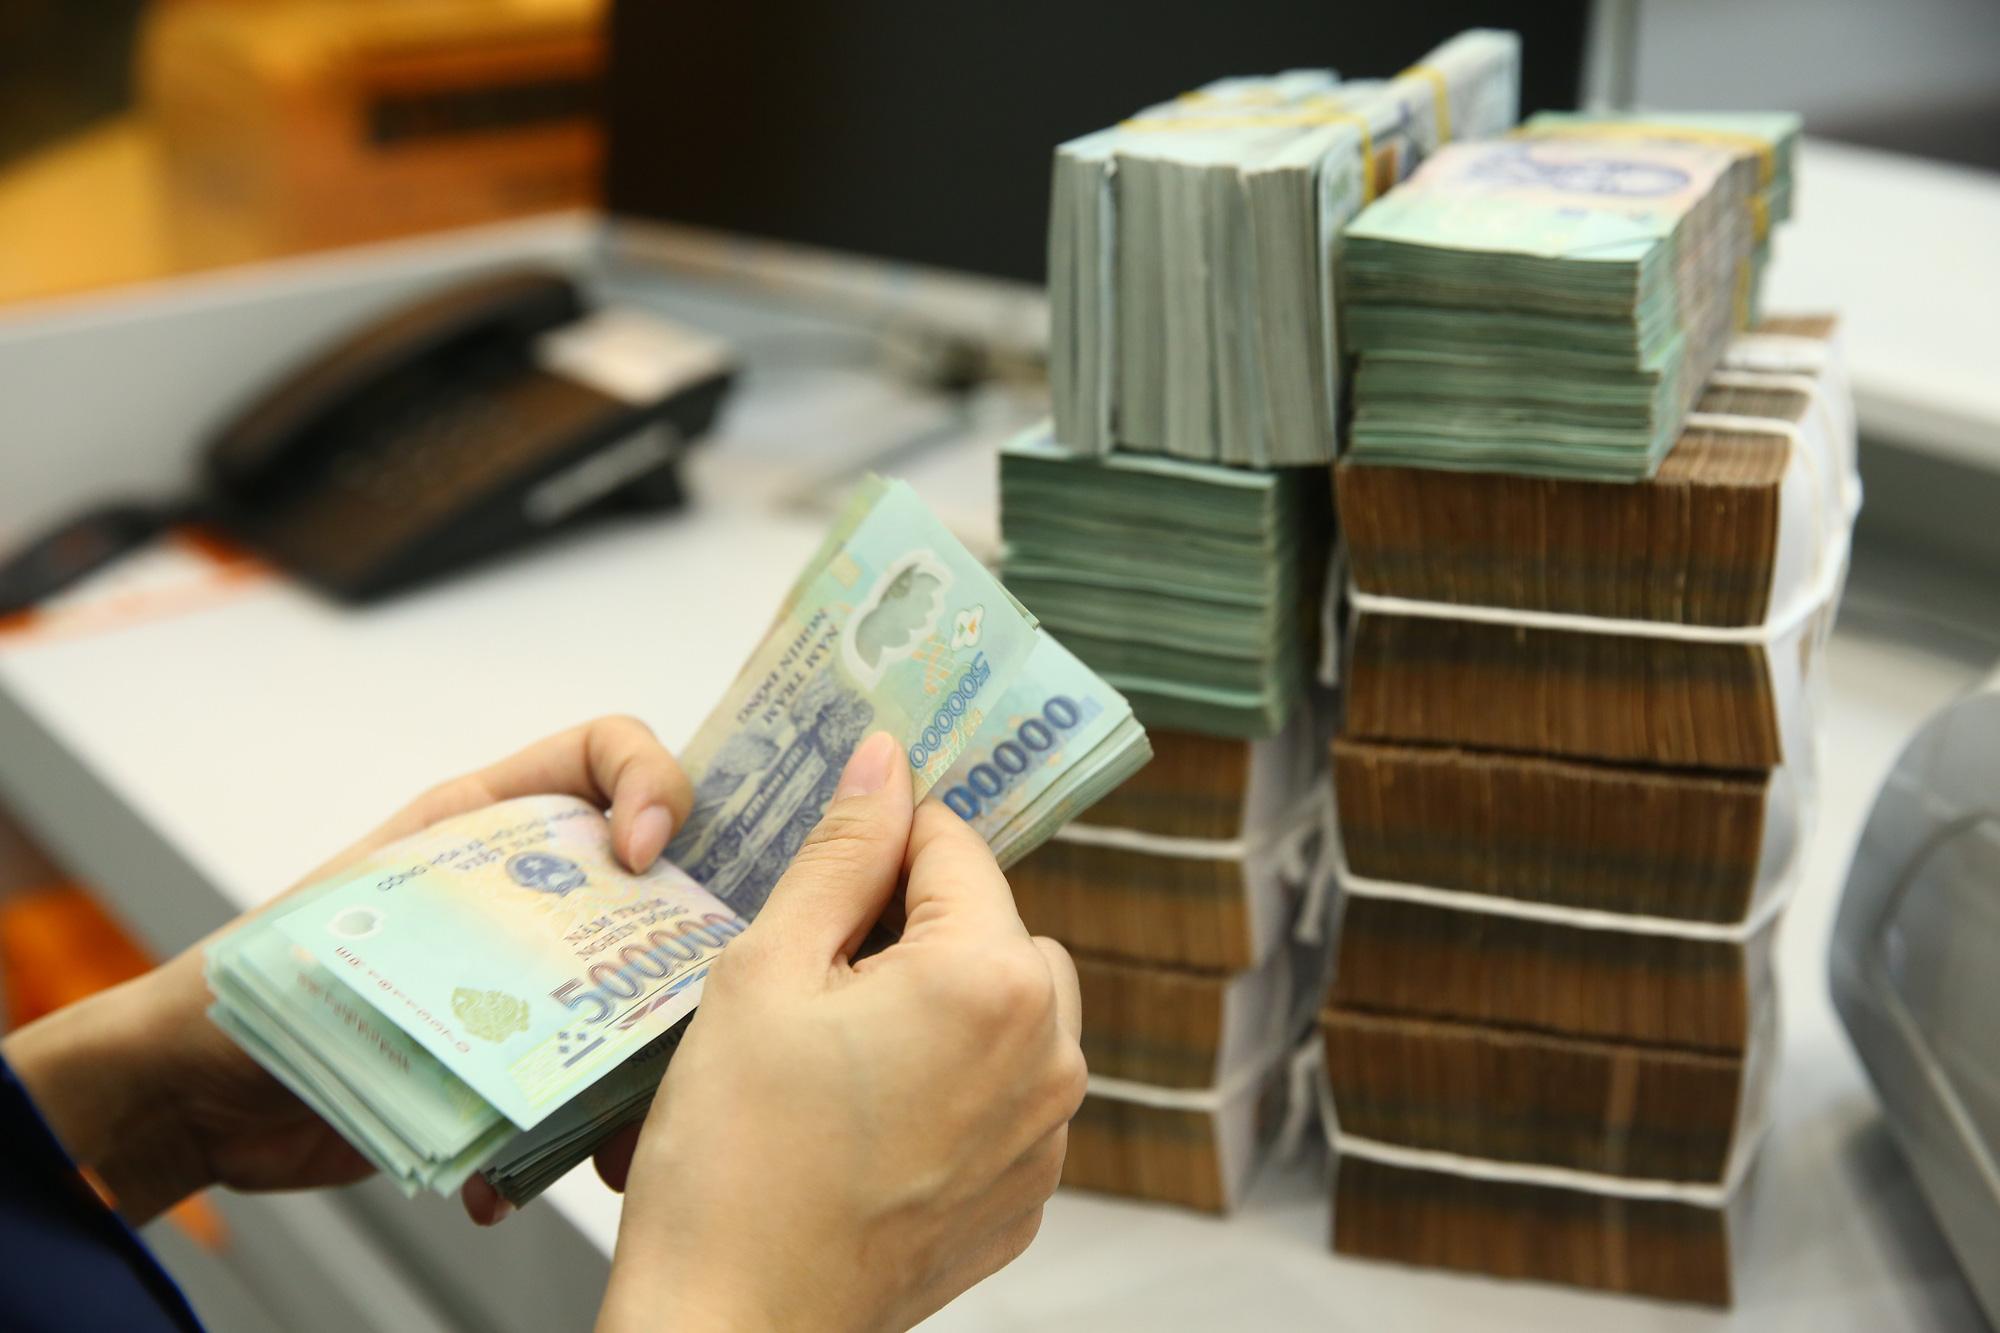 Ngân hàng tung chứng chỉ tiền gửi lãi suất tới 7,8%/năm - Báo Người lao động